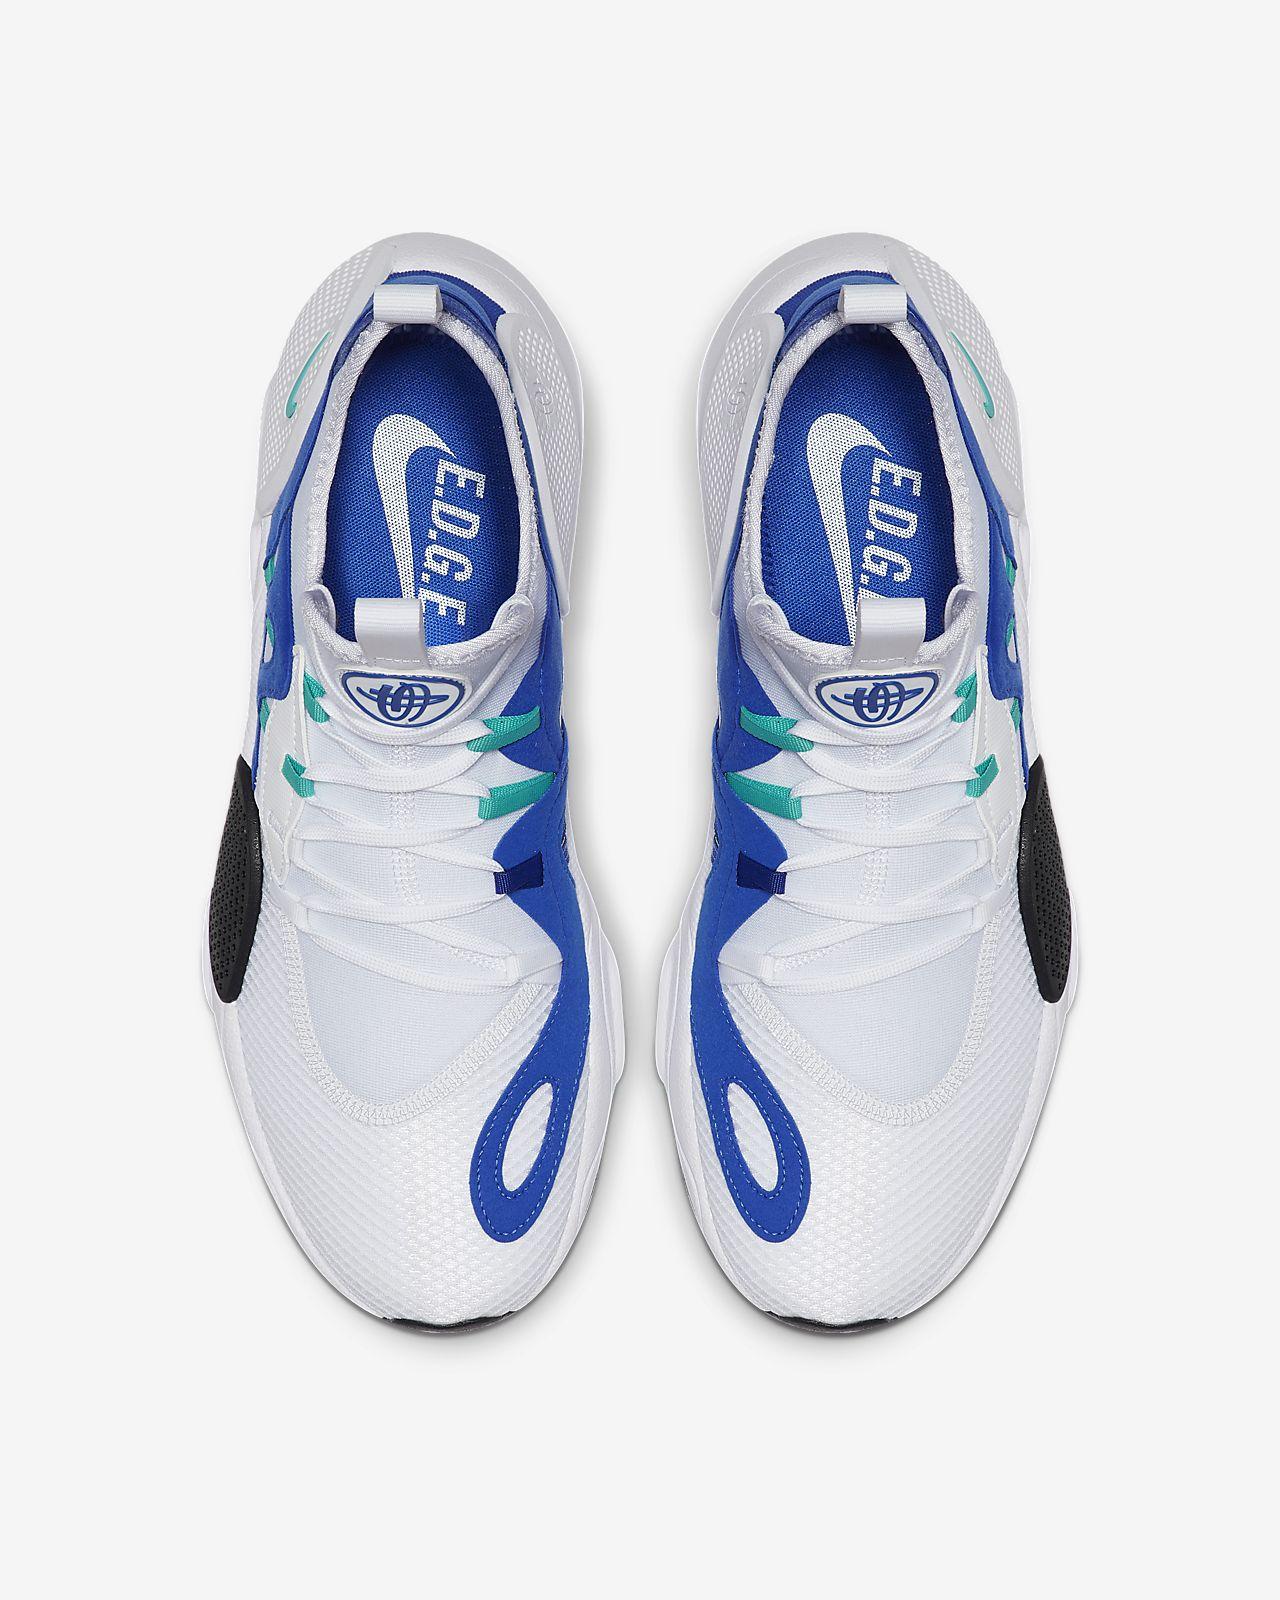 bbfe97a47317 Nike Huarache E.D.G.E. TXT Men s Shoe. Nike.com IN